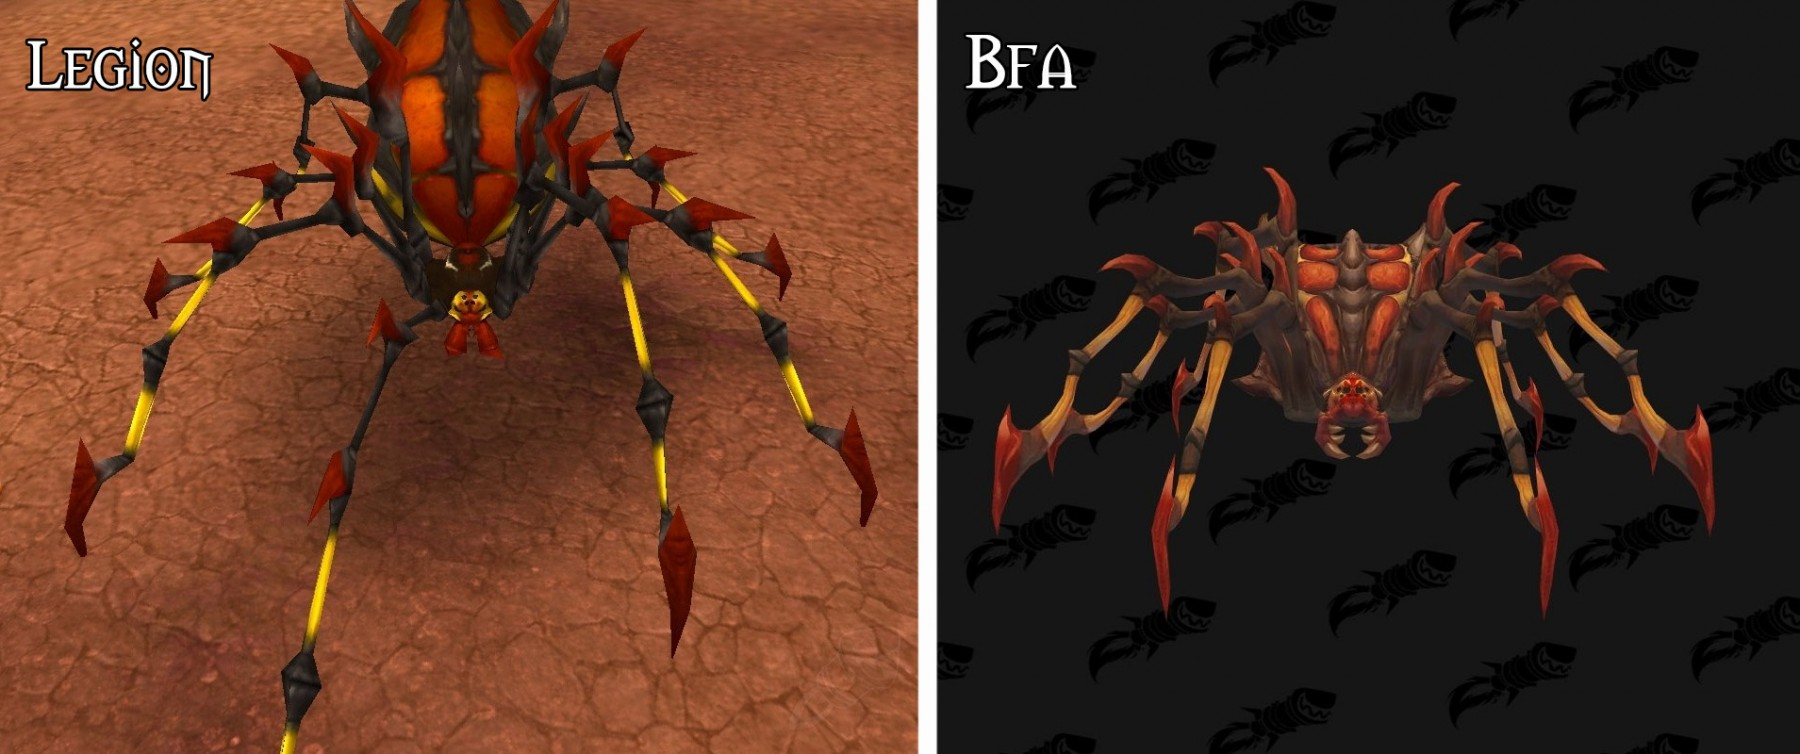 Refonte du modèle pour l'araignée géante à Battle for Azeroth